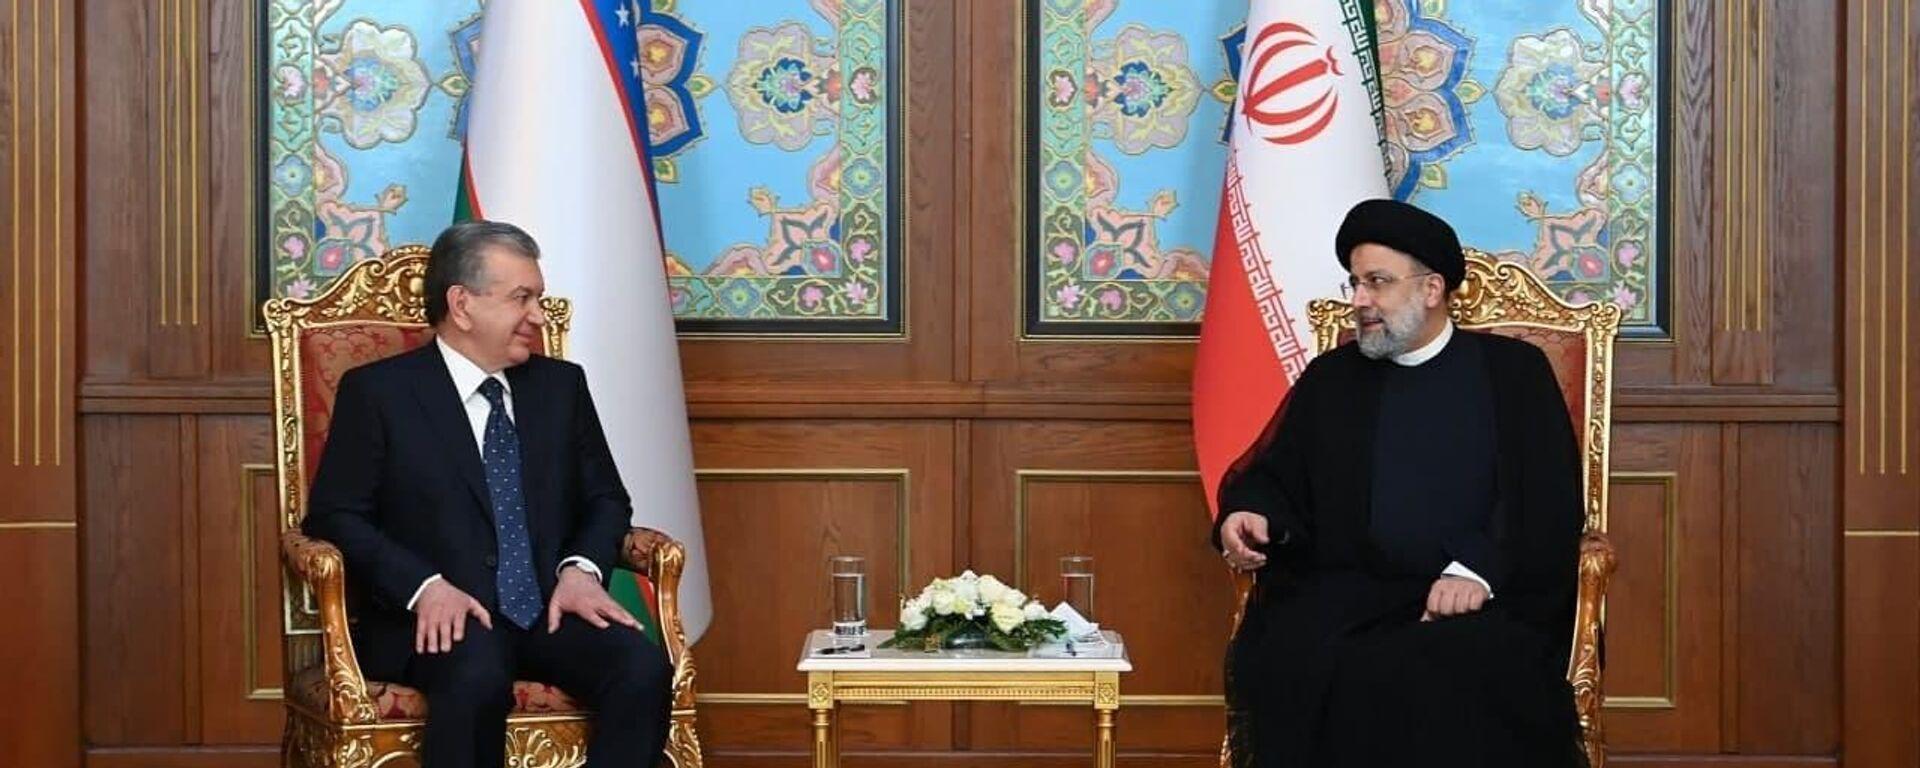 Шавкат Мирзиёев в Душанбе провел встречу с президентом Ирана Ибрахимом Раиси - Sputnik Узбекистан, 1920, 16.09.2021